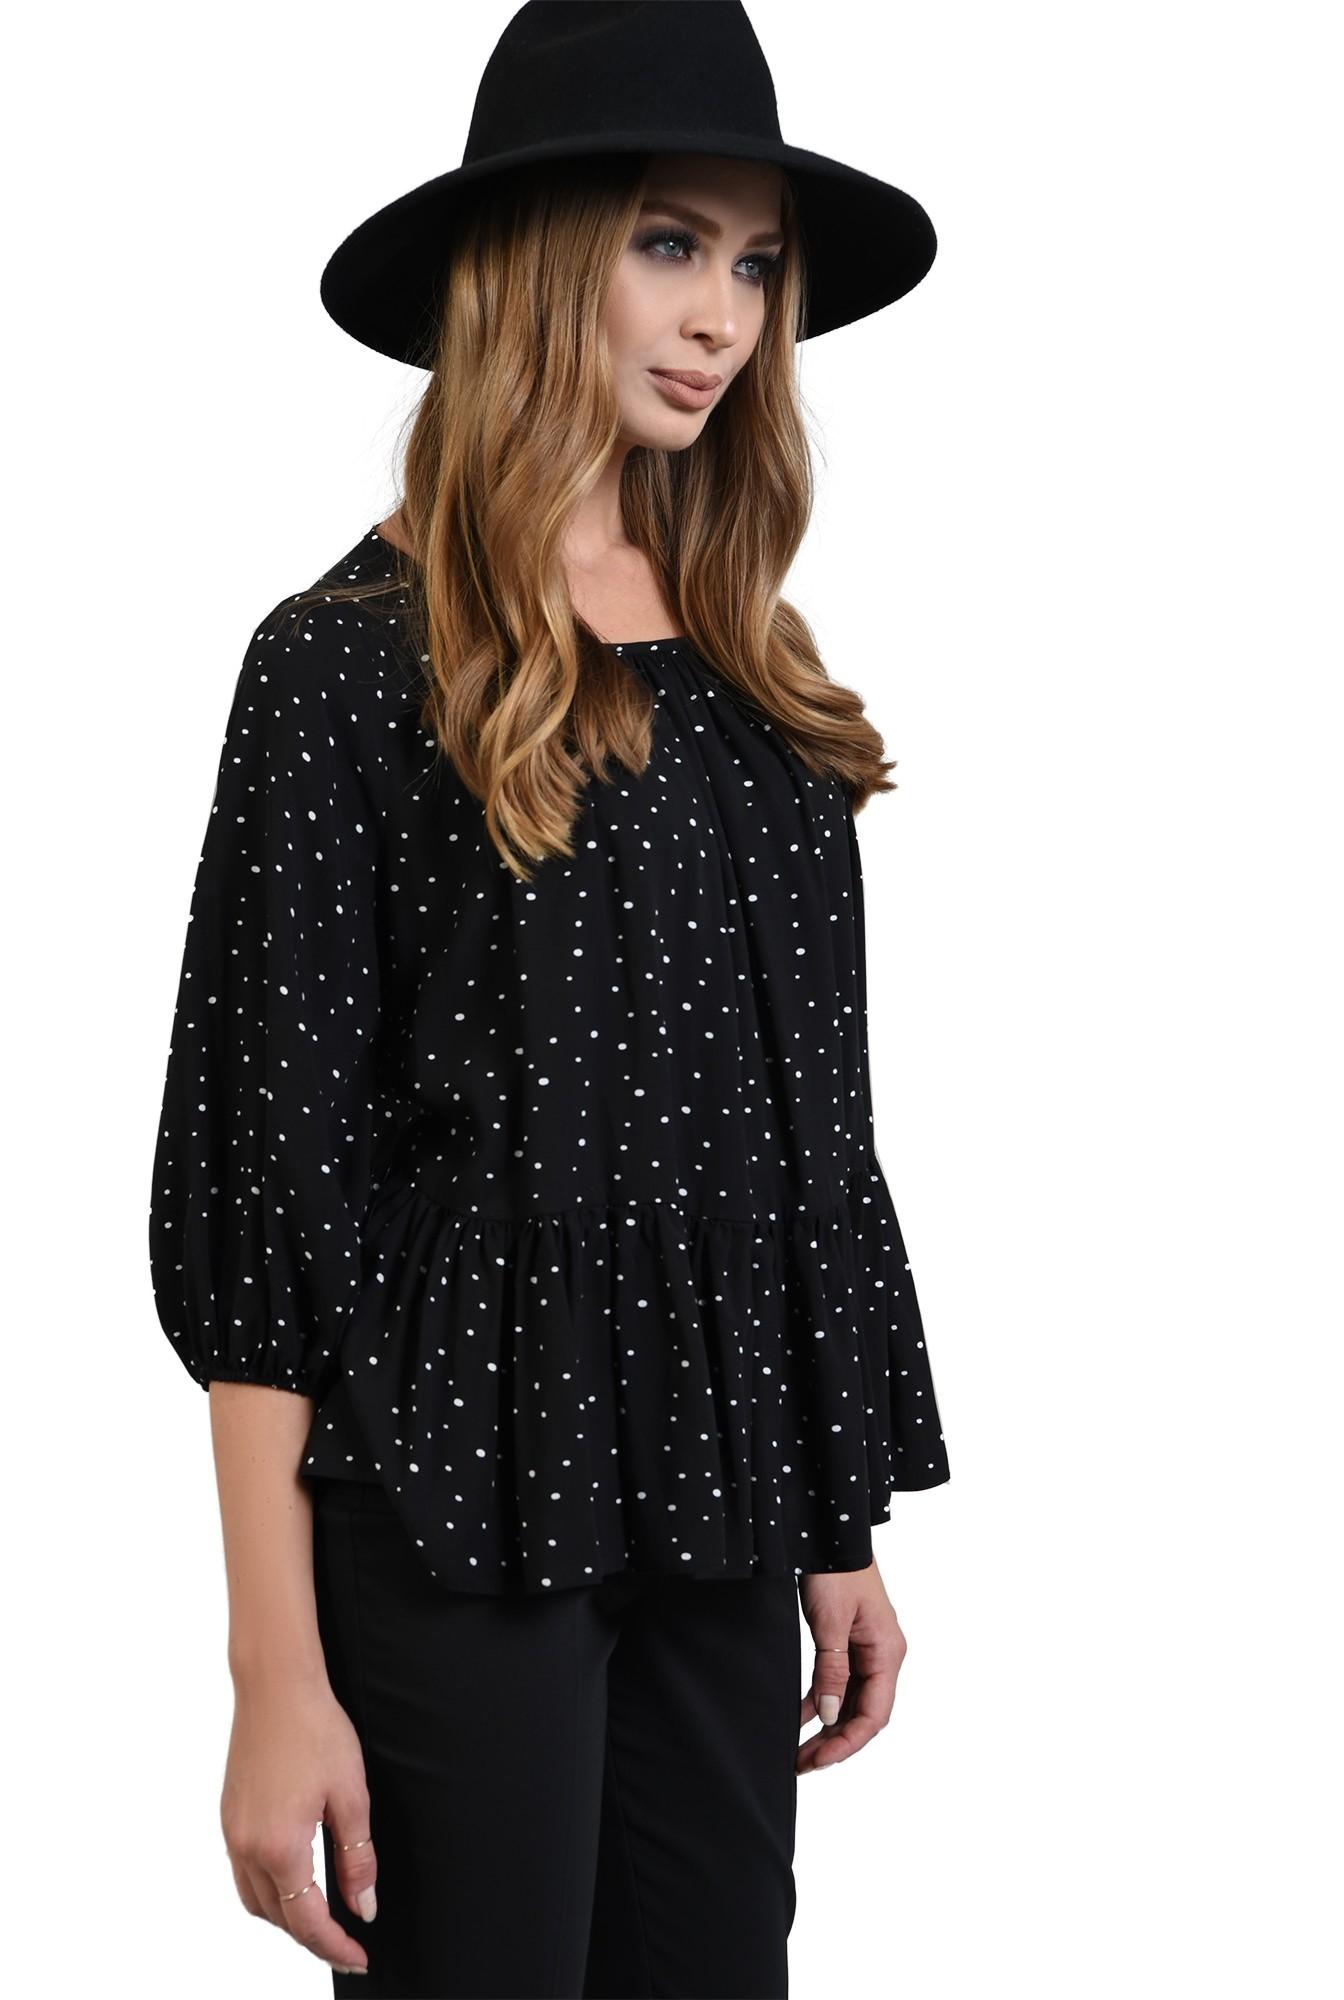 2 - bluza neagra cu buline, peplum, Poema